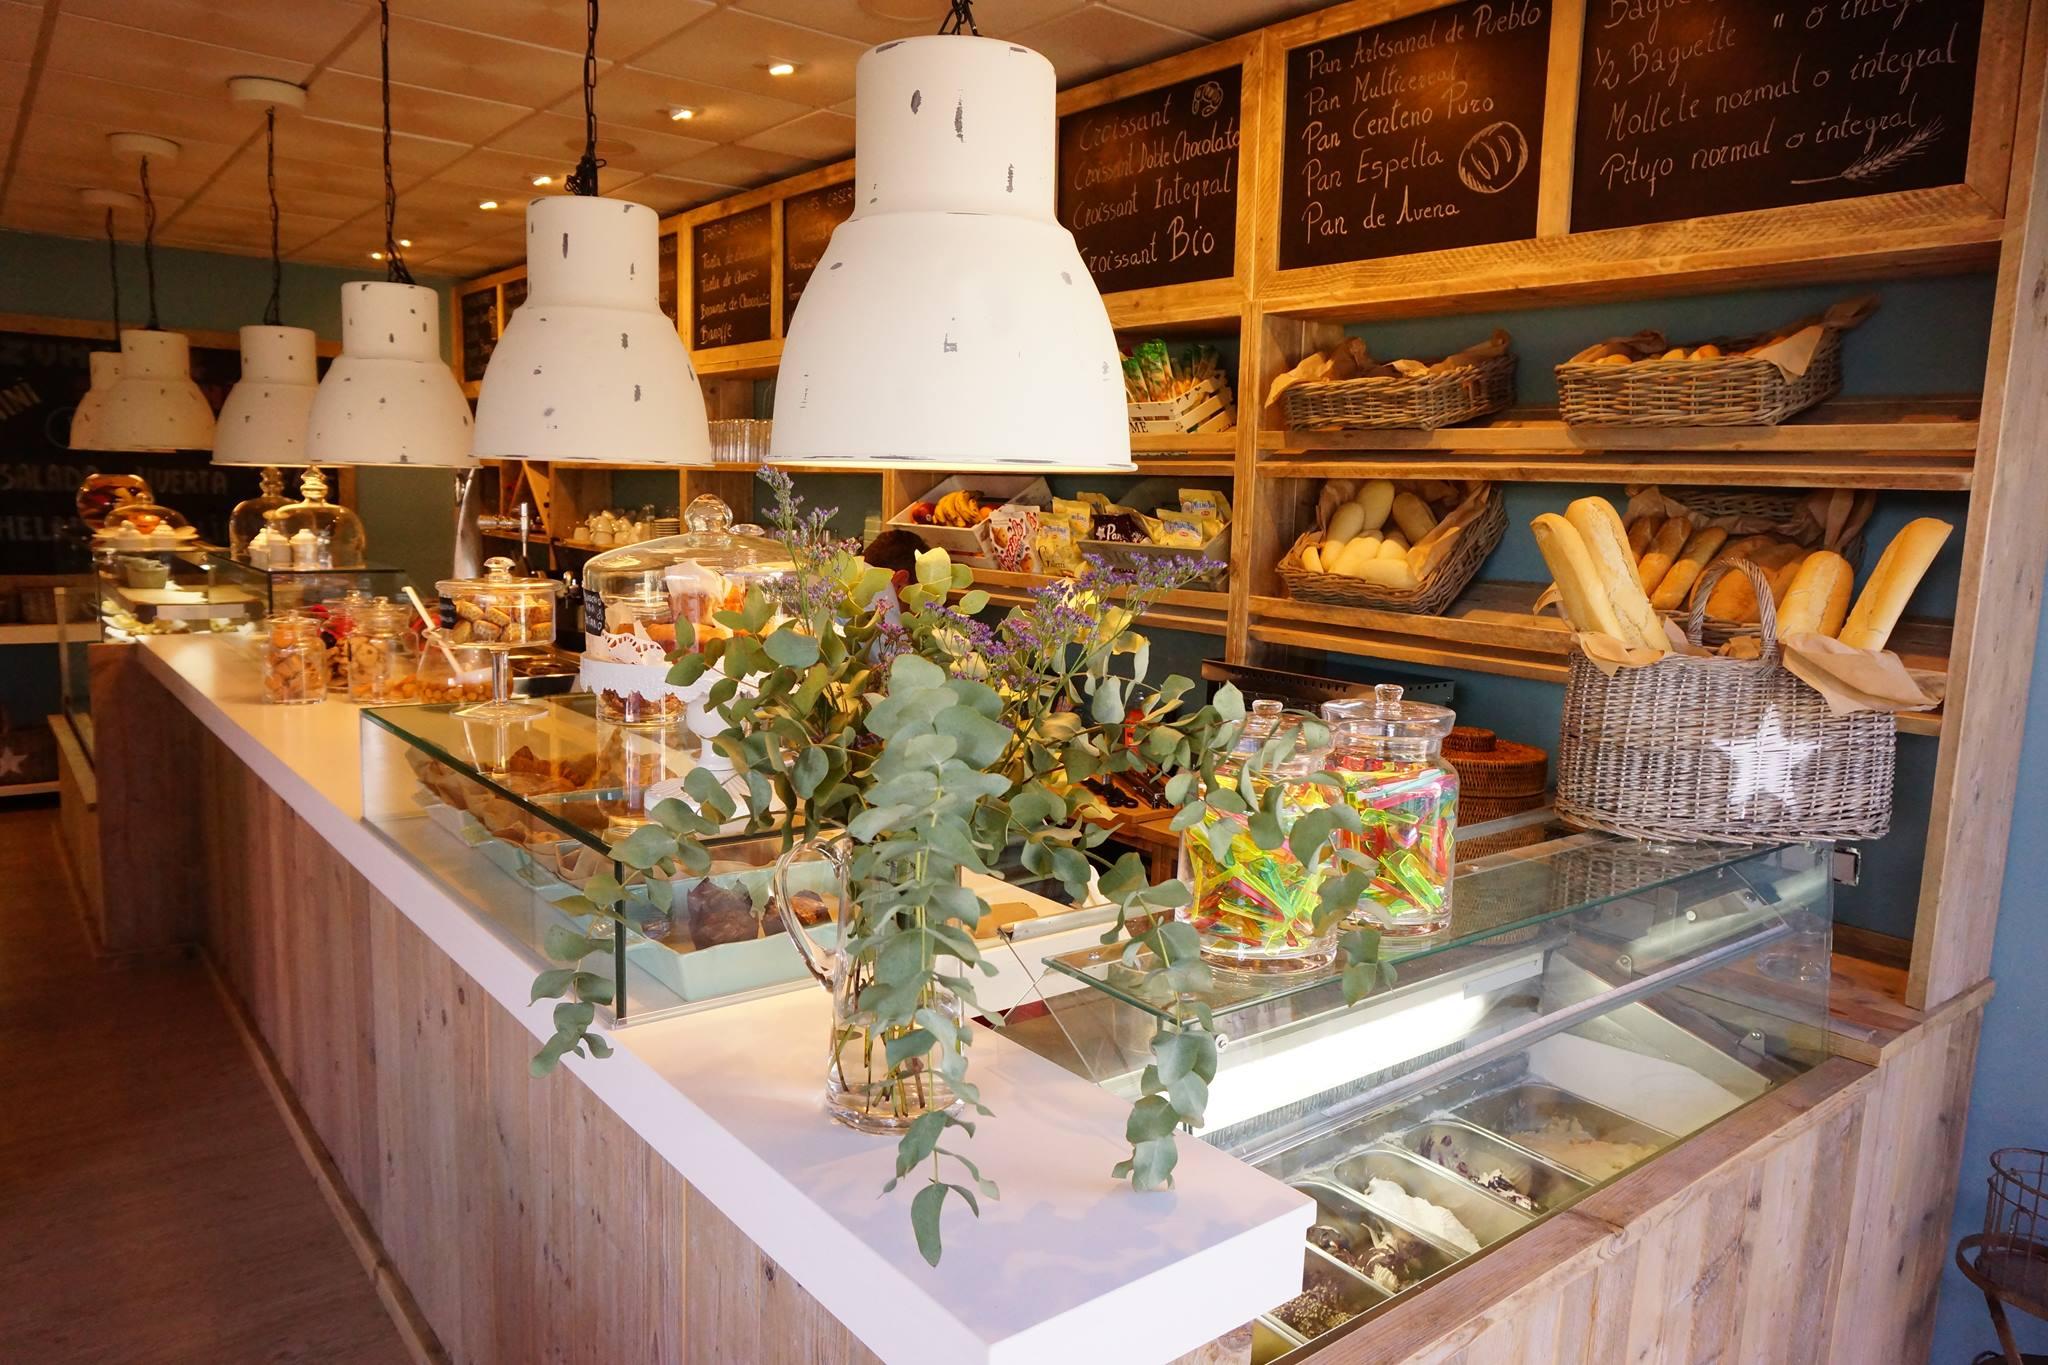 Pan e Cioccolato Restaurant